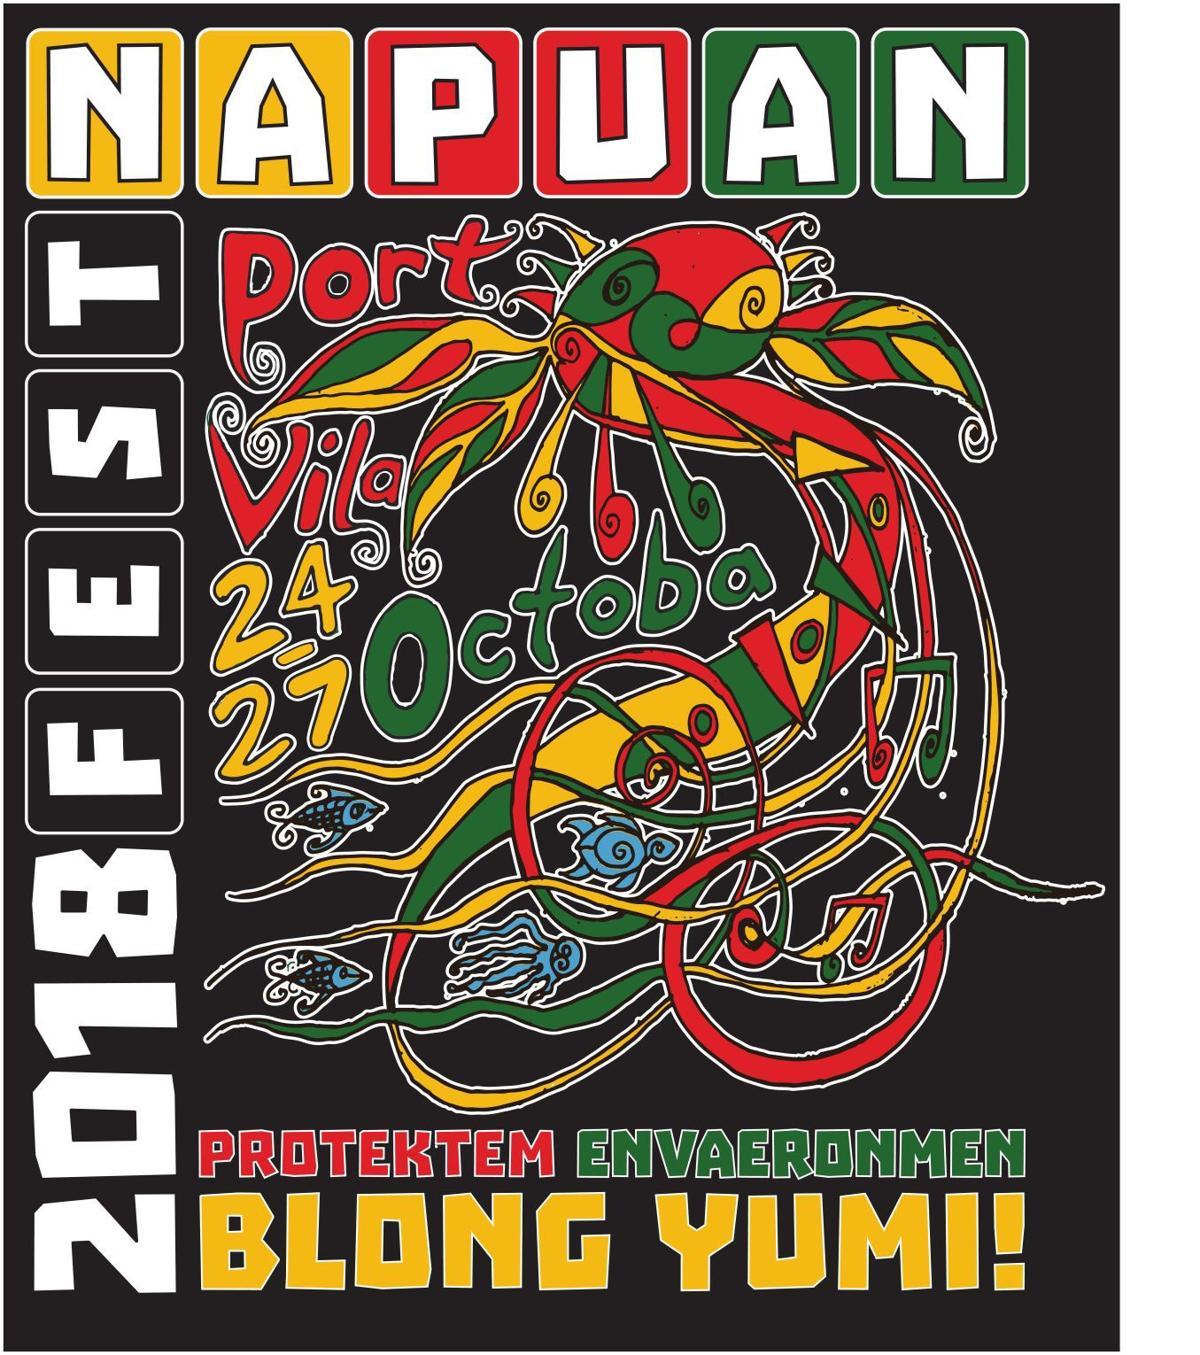 Fest'Napuan in October